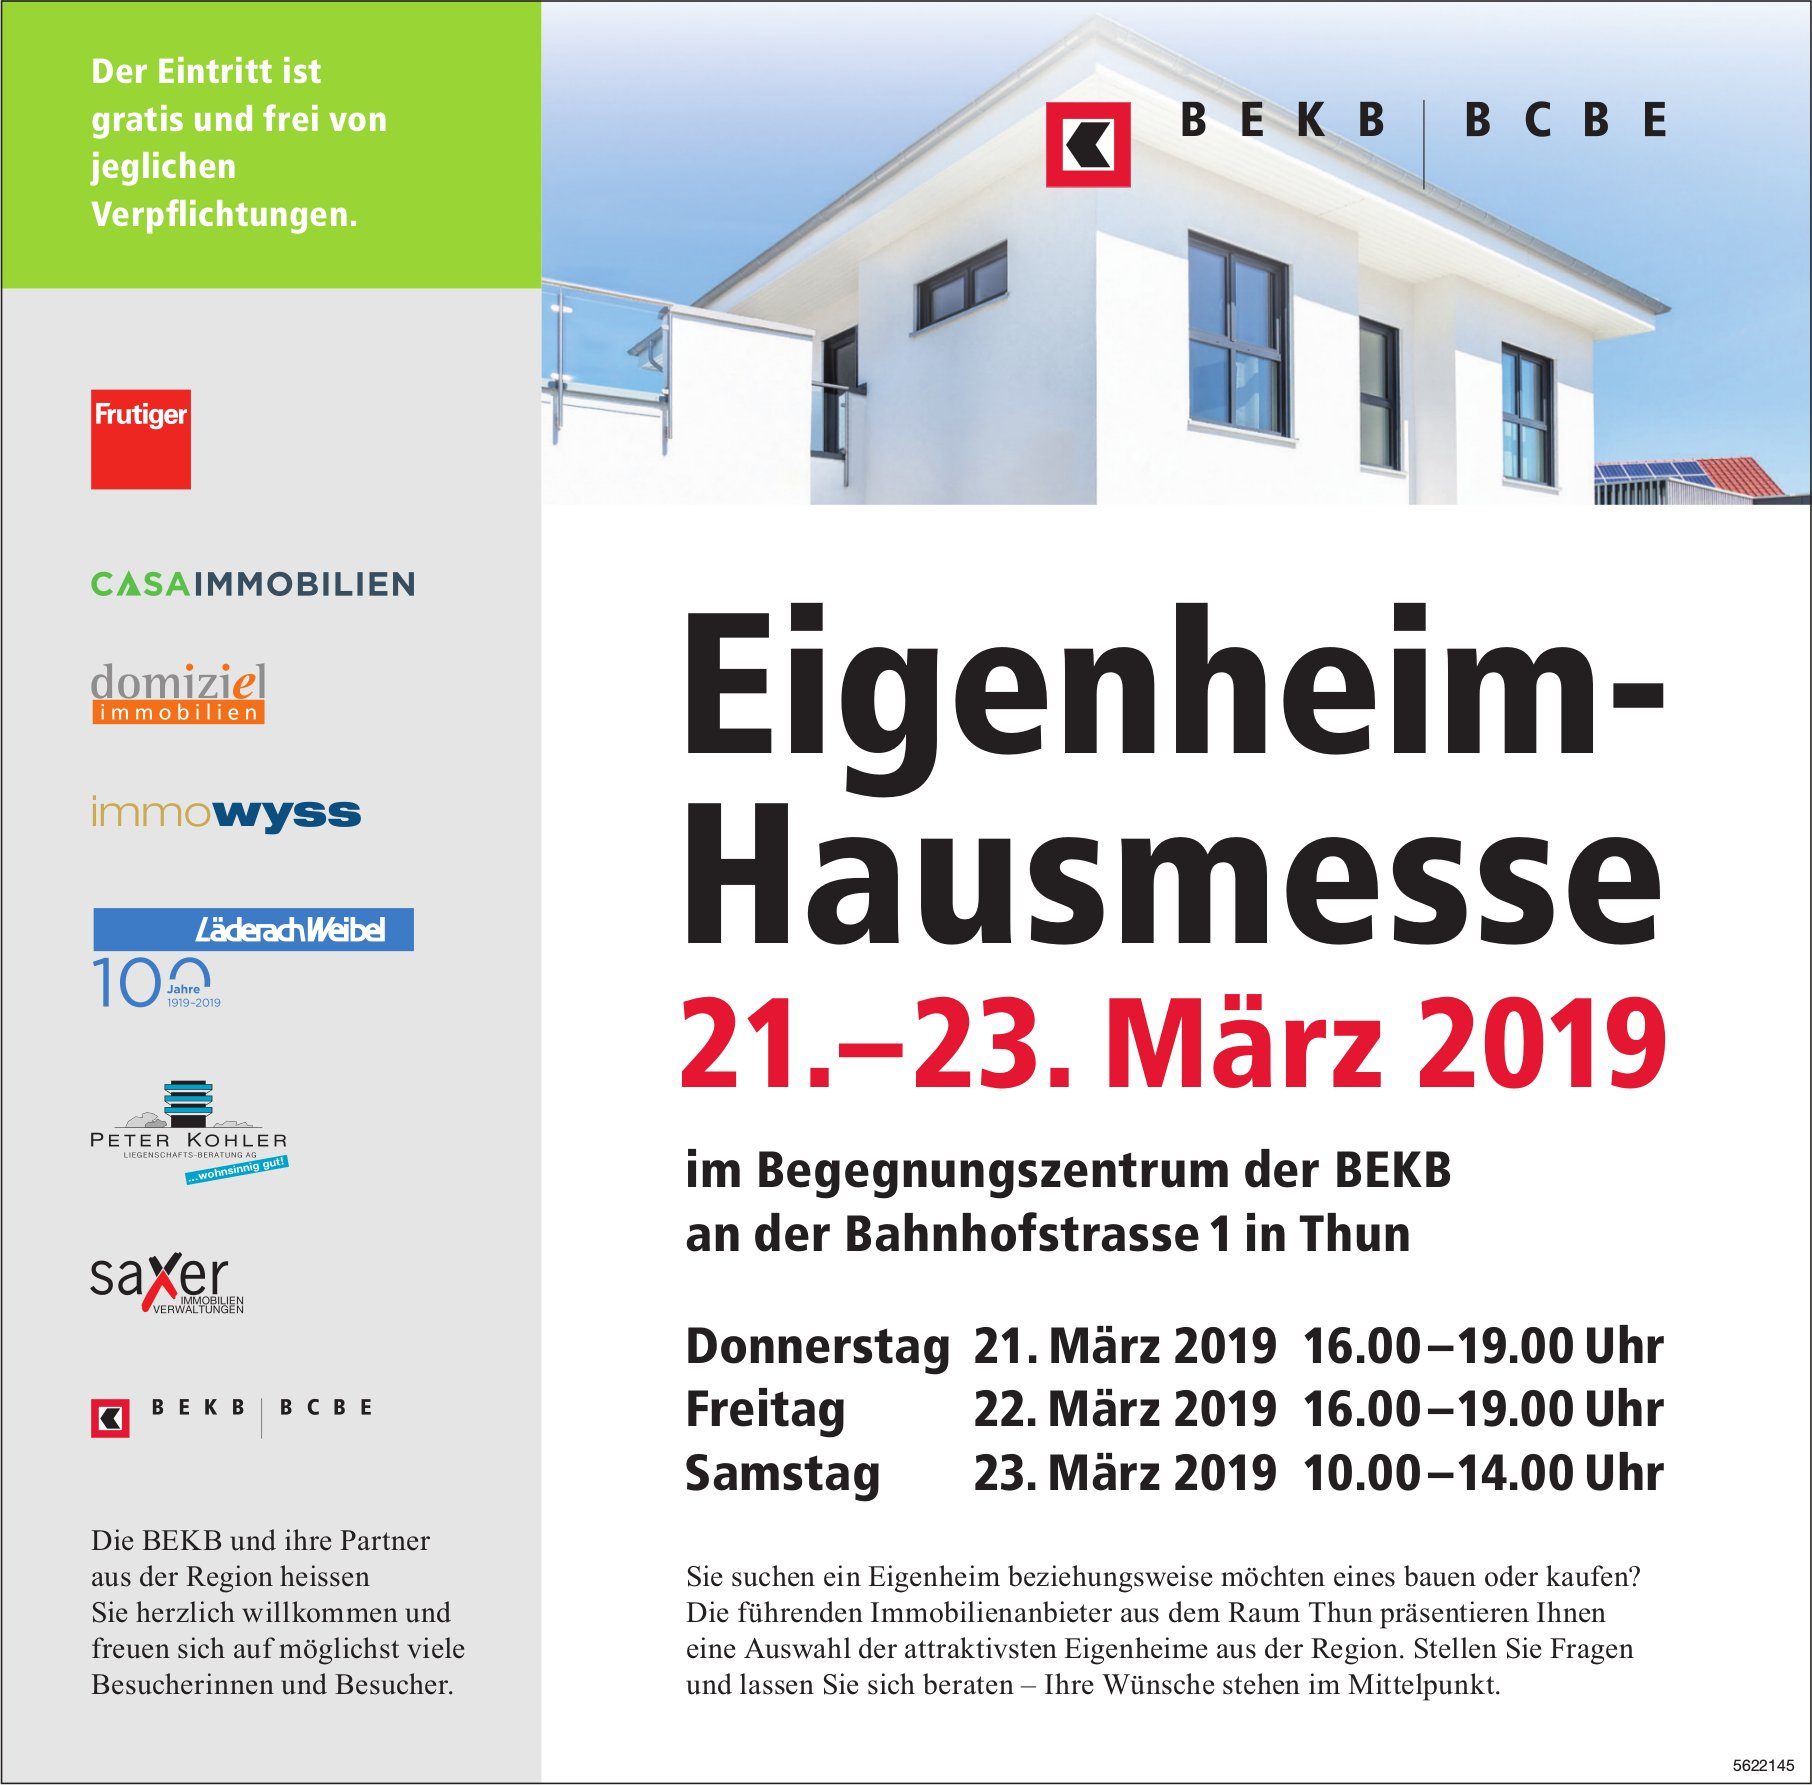 Eigenheim- Hausmesse, 21.–23. März, im Begegnungszentrum der BEKB